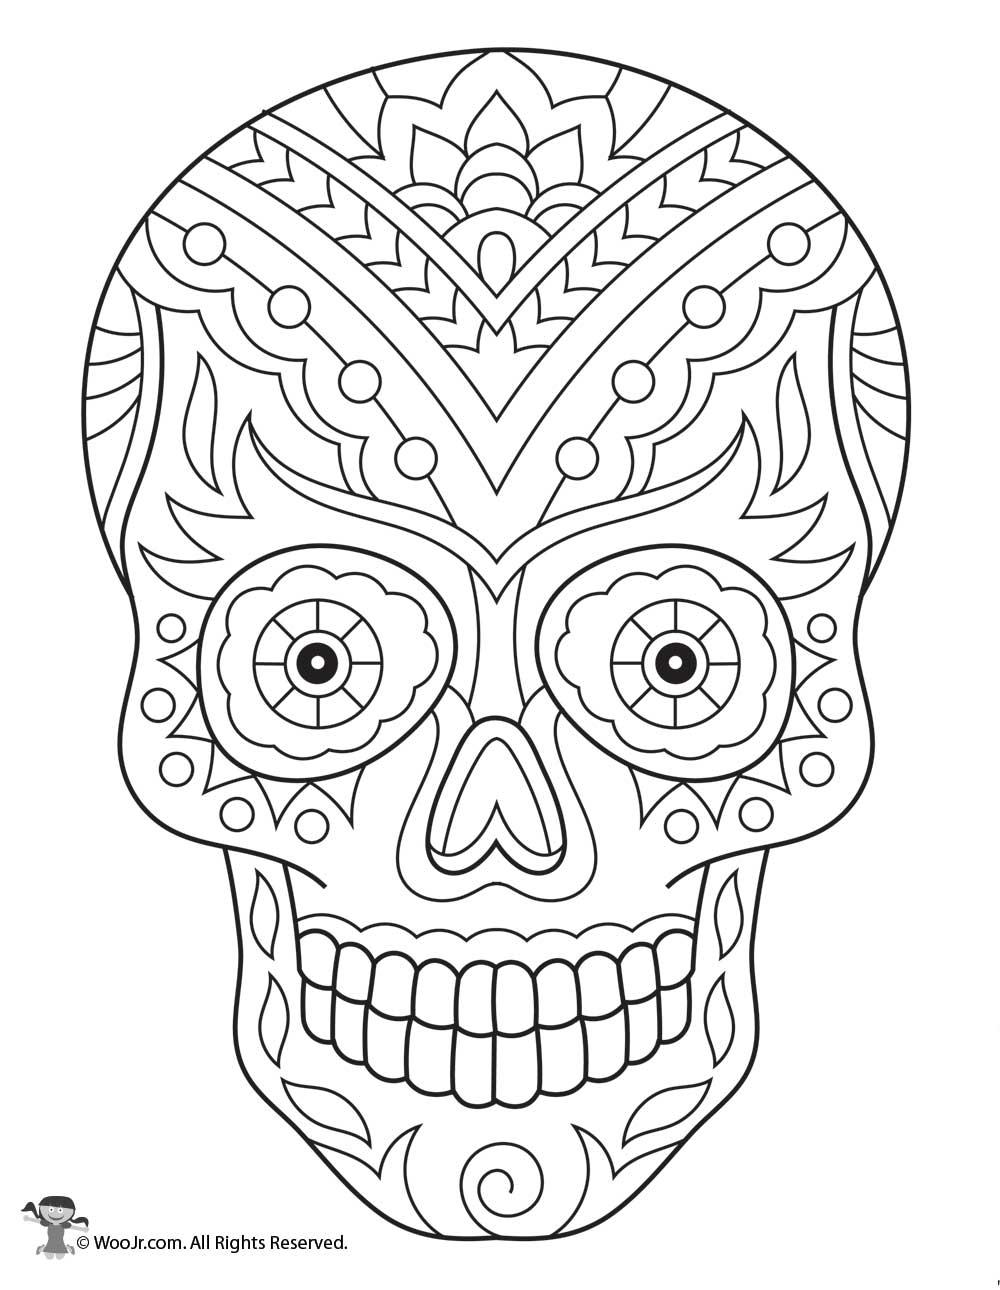 Sugar Skull Skeleton Adult Coloring Page | Woo! Jr. Kids ...